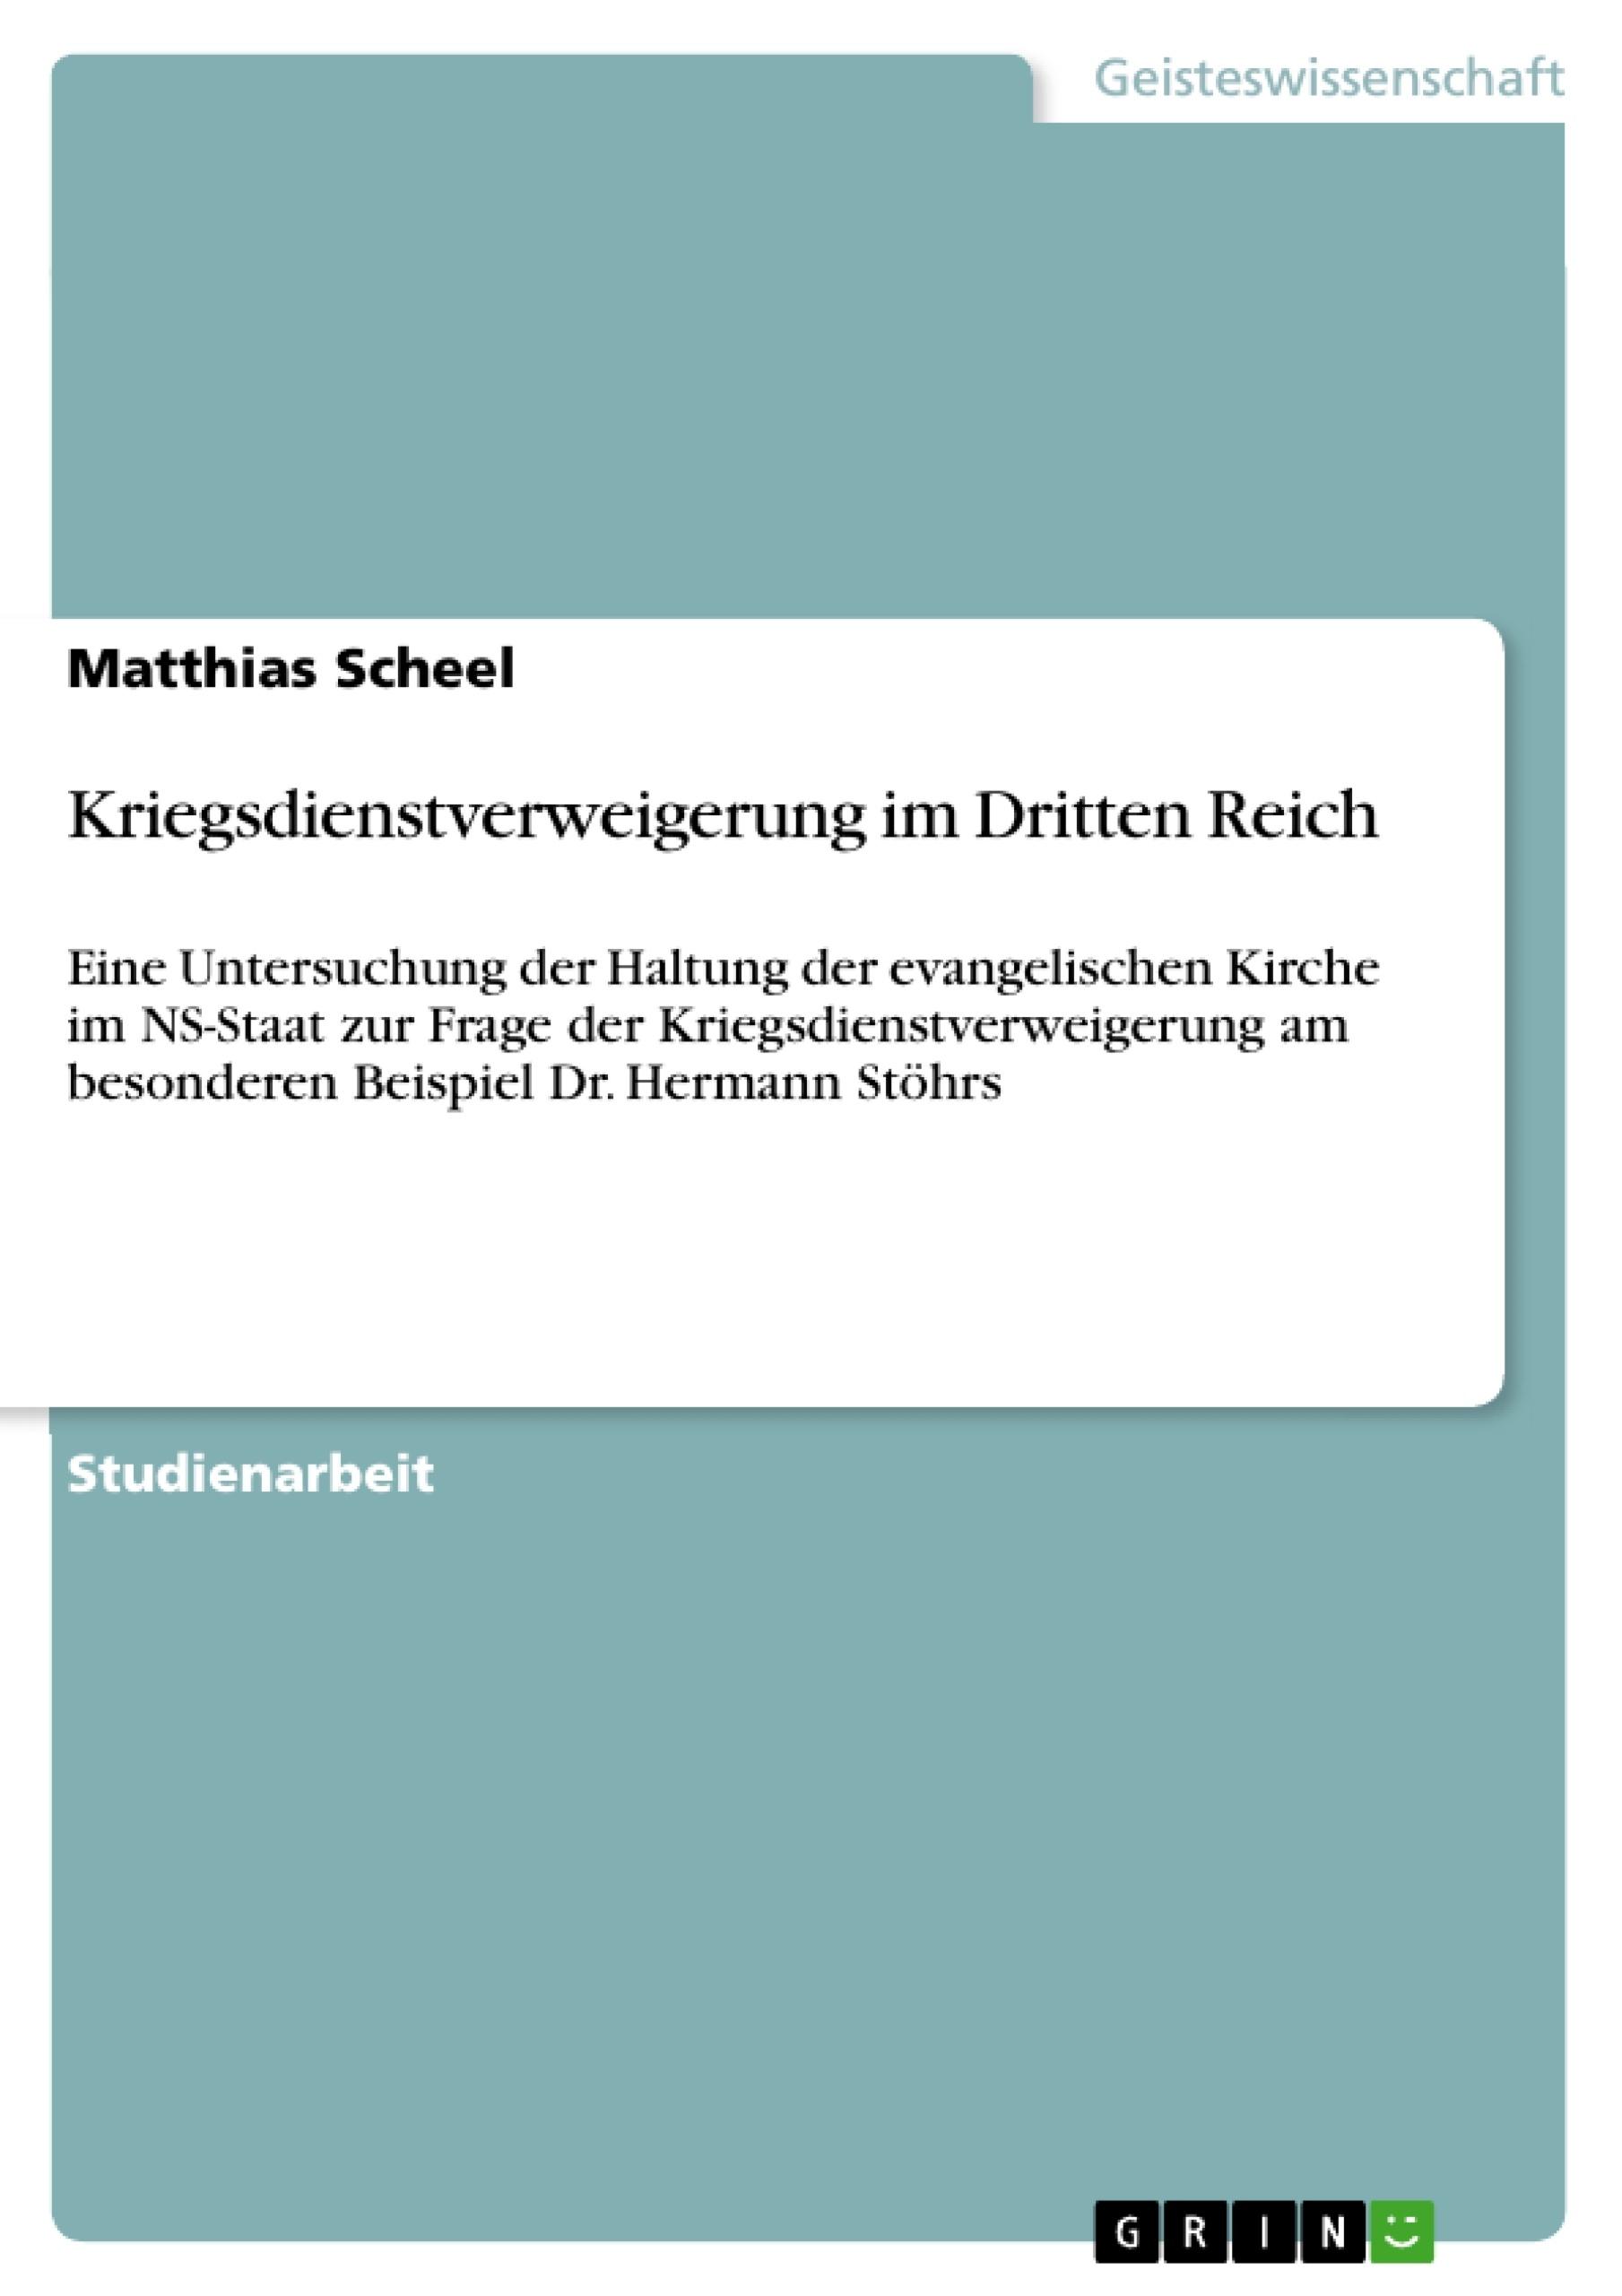 Titel: Kriegsdienstverweigerung im Dritten Reich